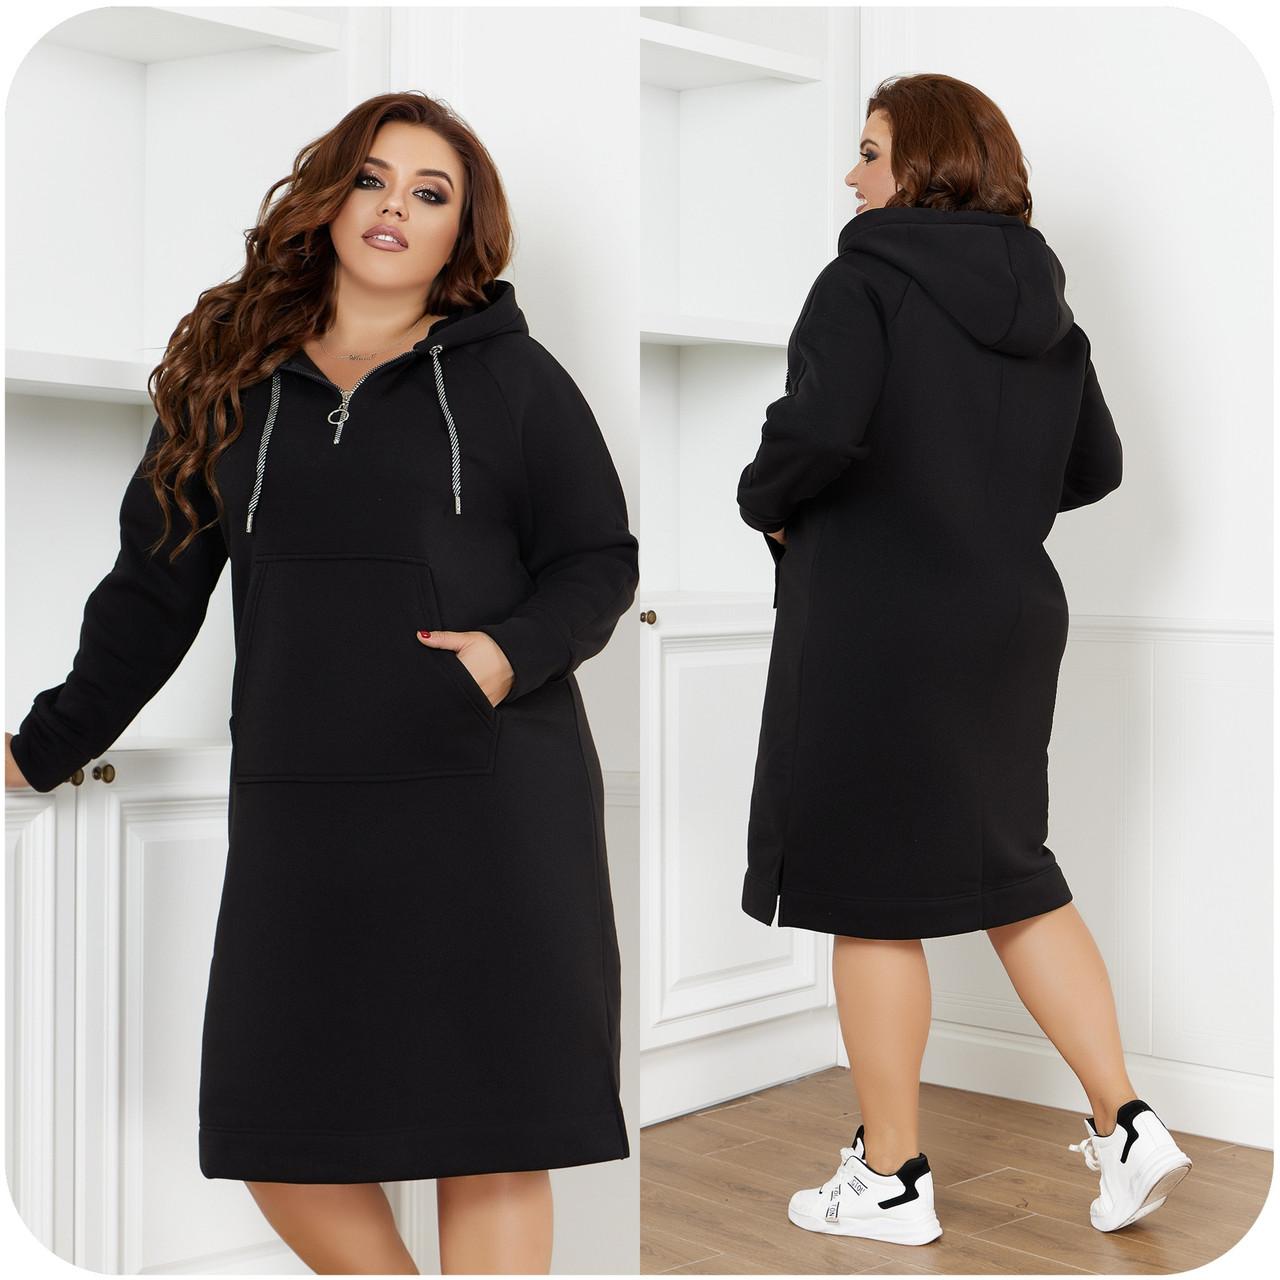 Тепла з начосом спортивного стилю сукня з капюшоном і кишенею спереду, батал великі розміри